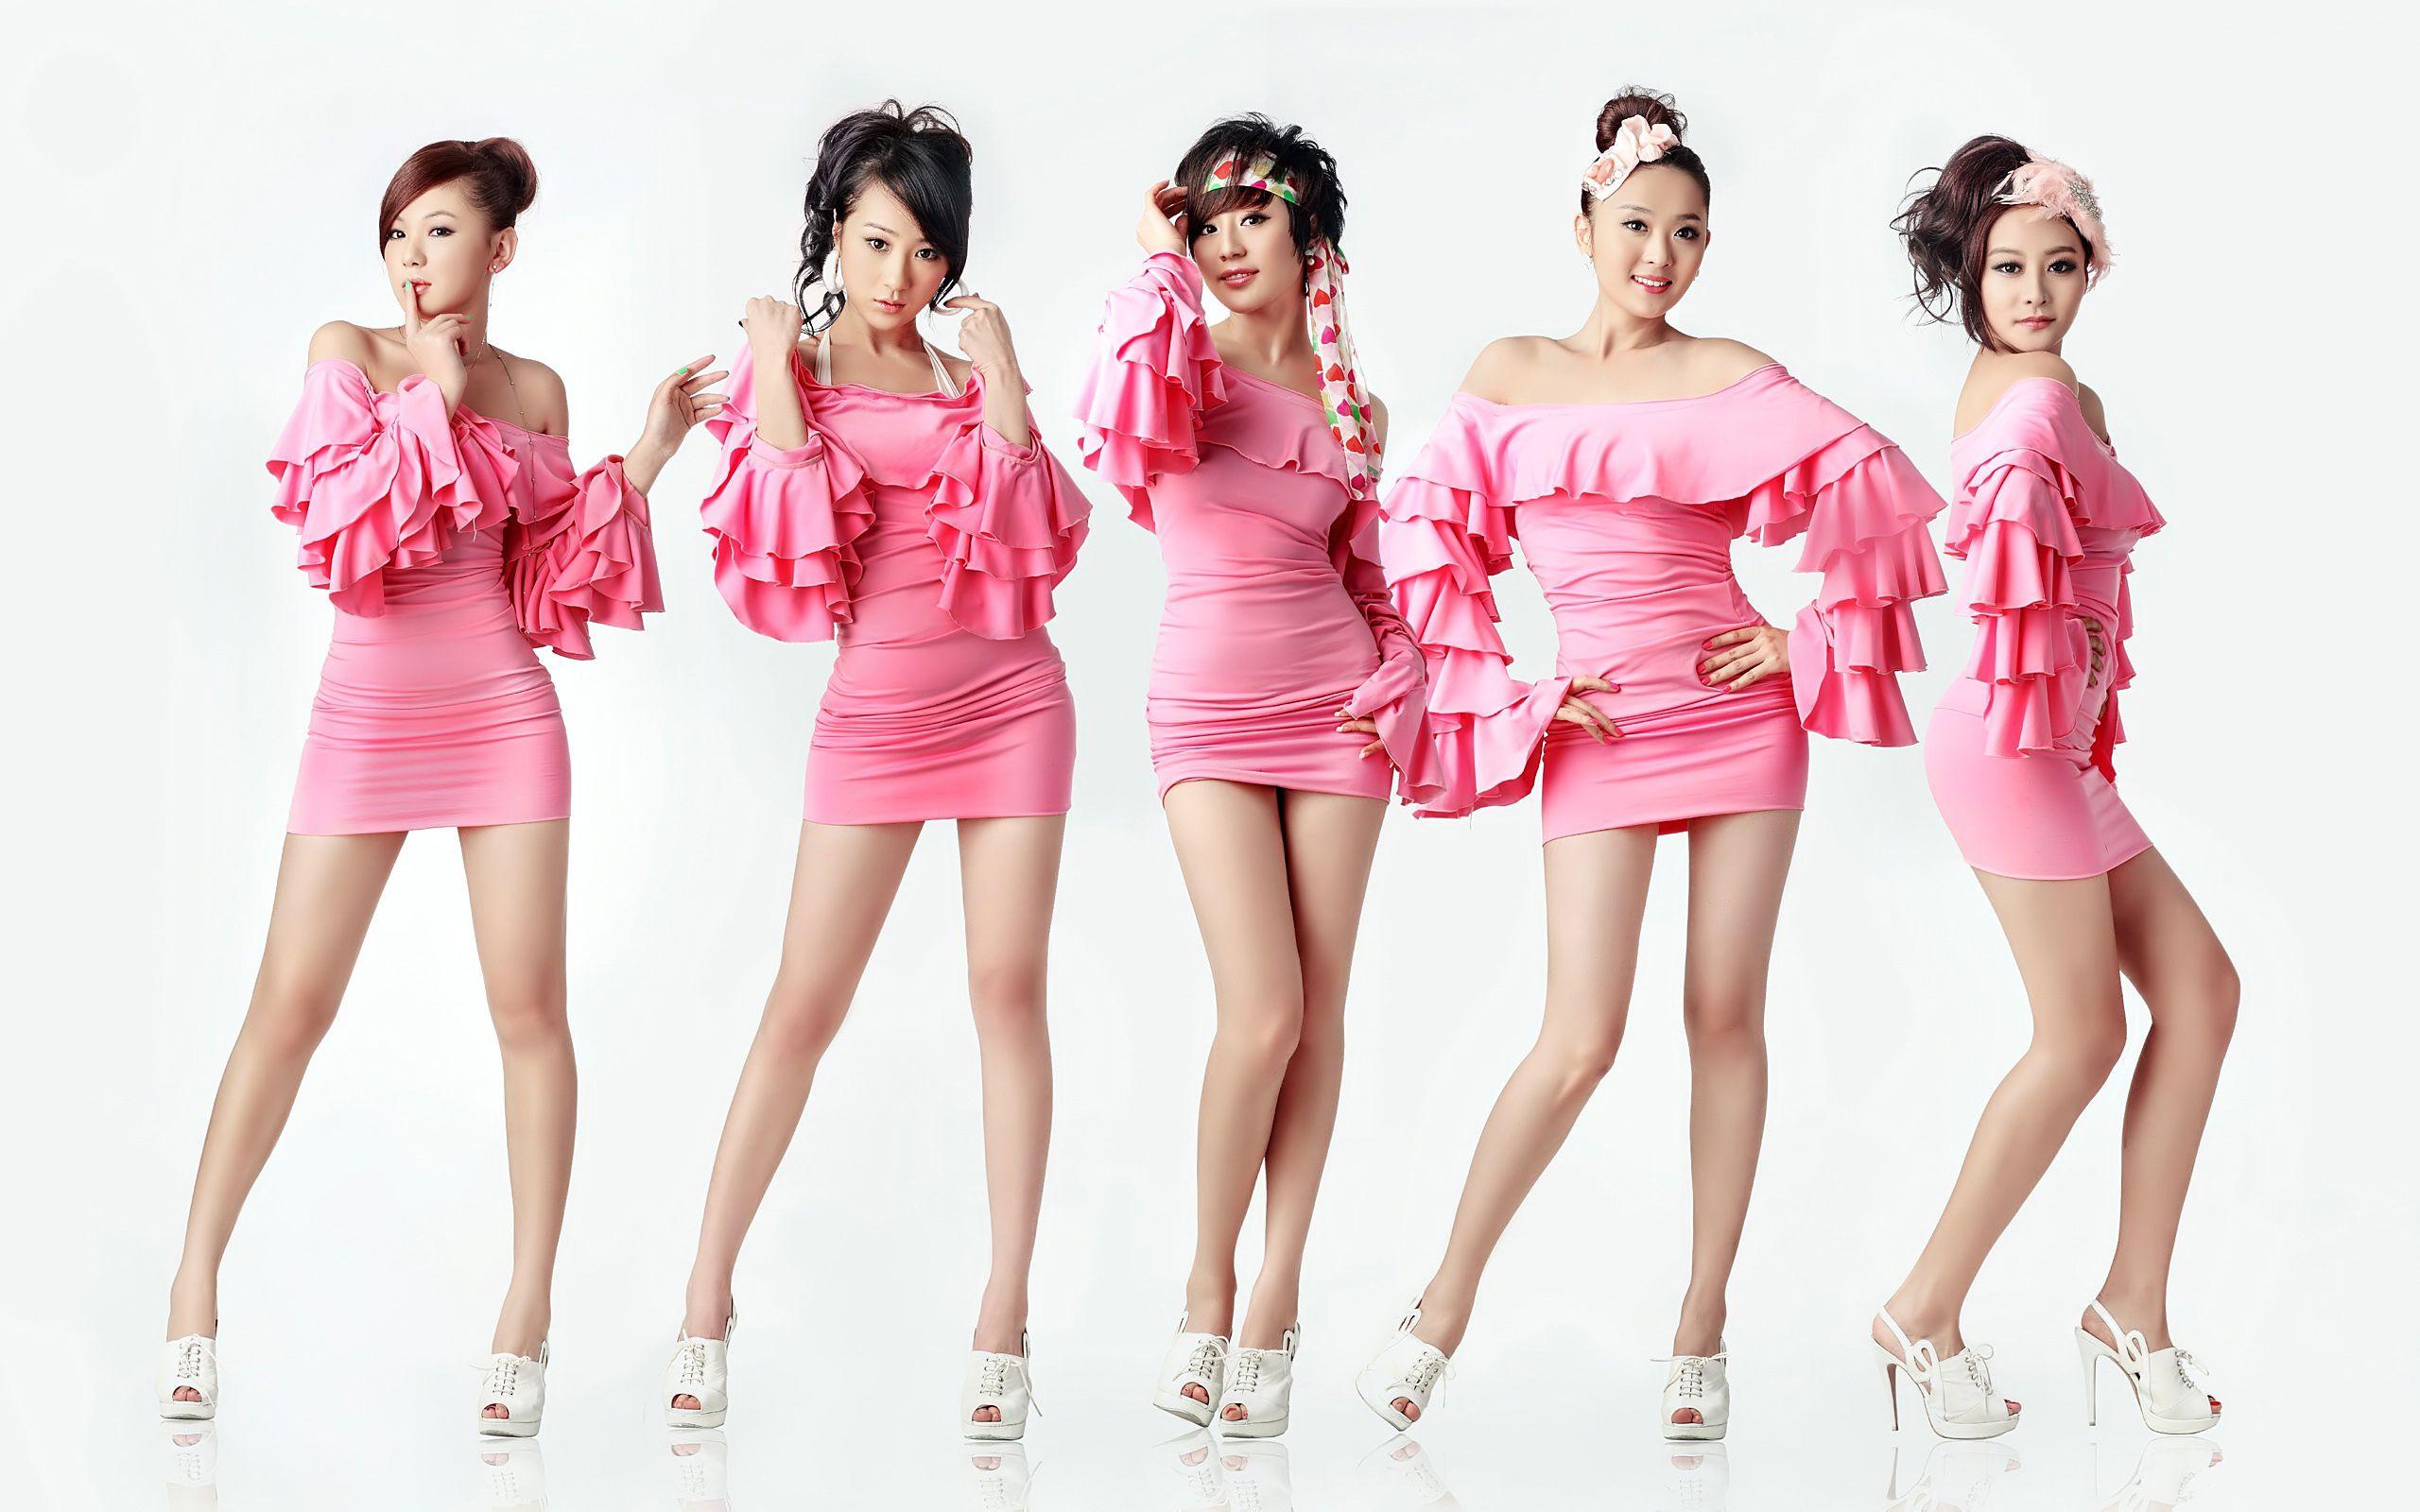 只有美女两个字图片_五个穿粉色连衣裙的美女给我一张原图 我的一张不清晰